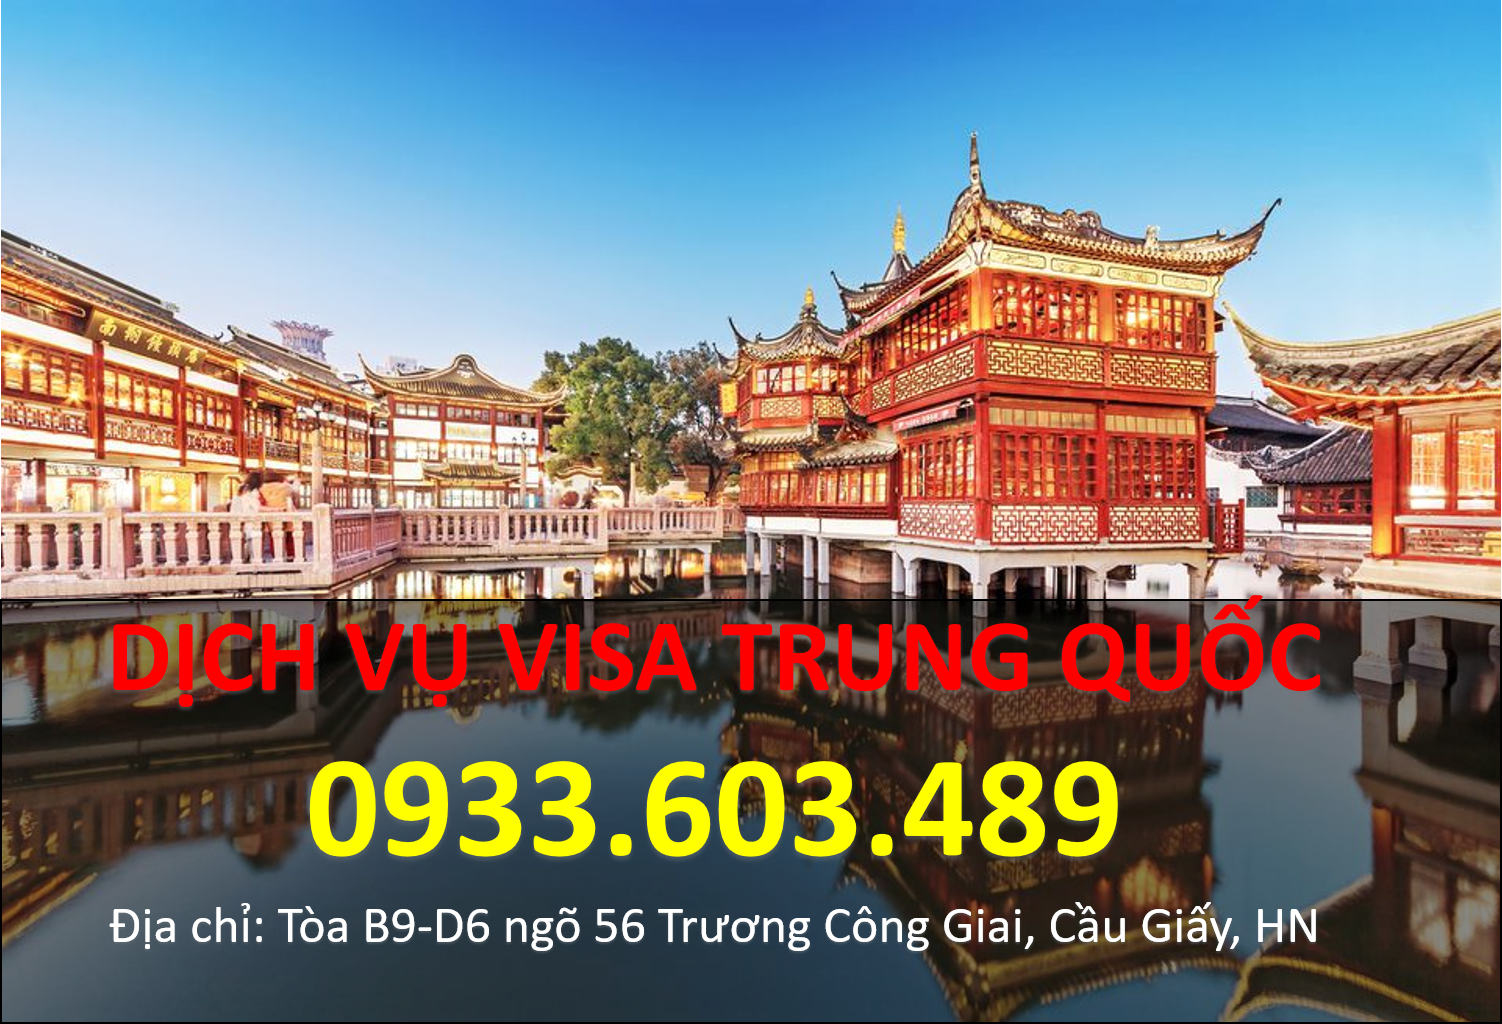 Khai truong Trung tâm visa Trung Quoc CVS